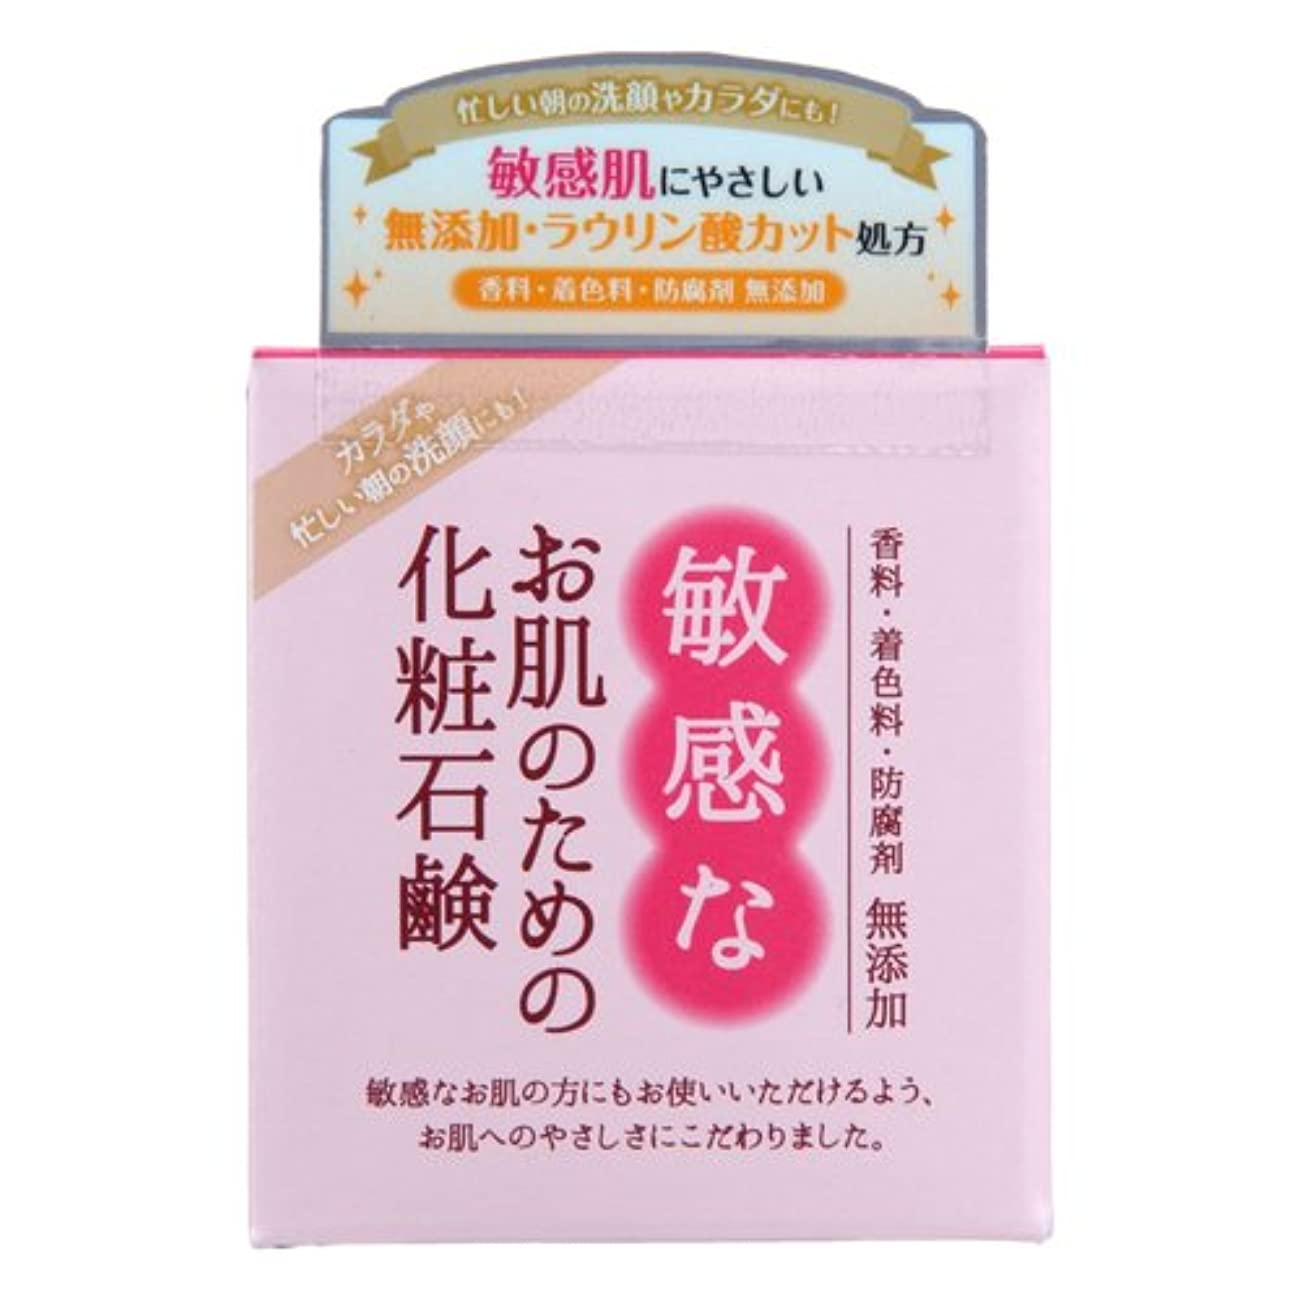 ギャンブルチャレンジ診断する敏感なお肌のための化粧石鹸 100g CBH-S